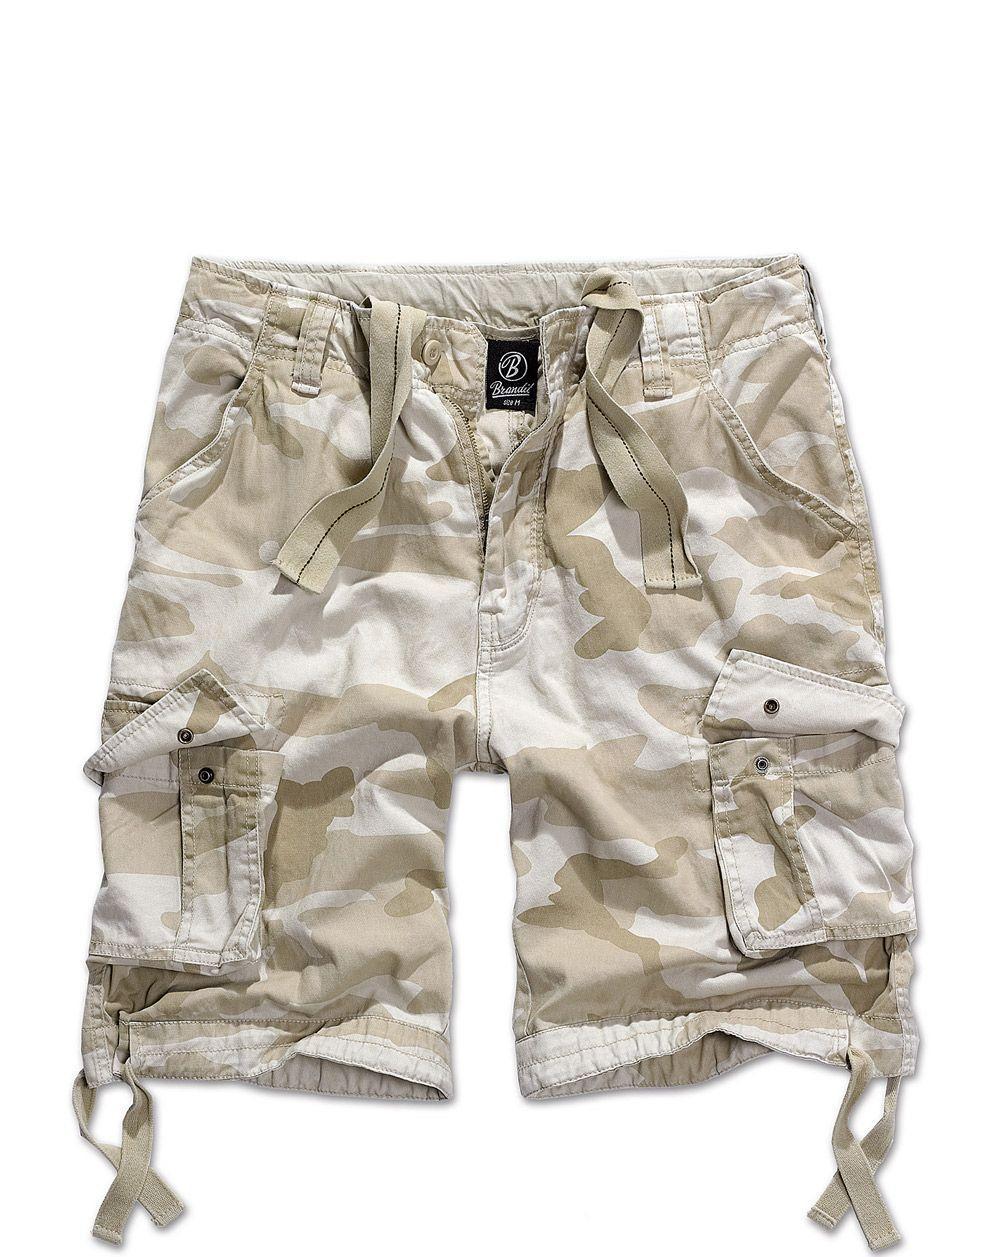 Brandit Urban Legend Shorts (Desert Camouflage, XL)